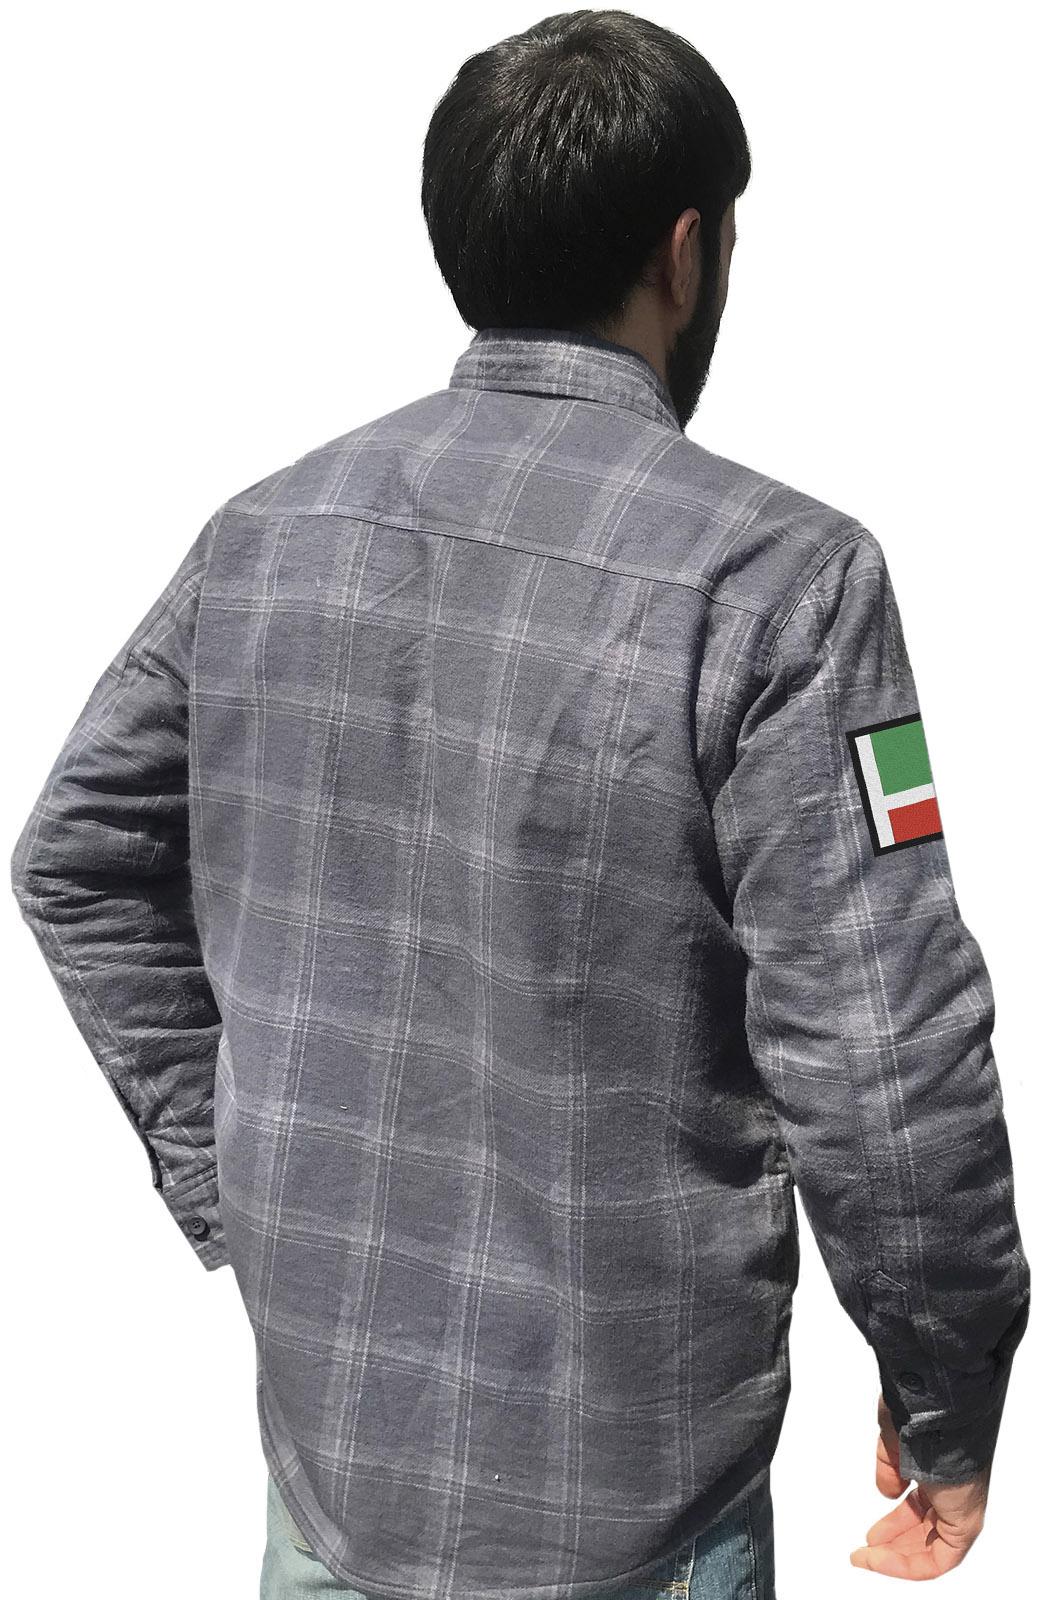 Купить строгую серую рубашку с вышитым флагом Чехии онлайн выгодно